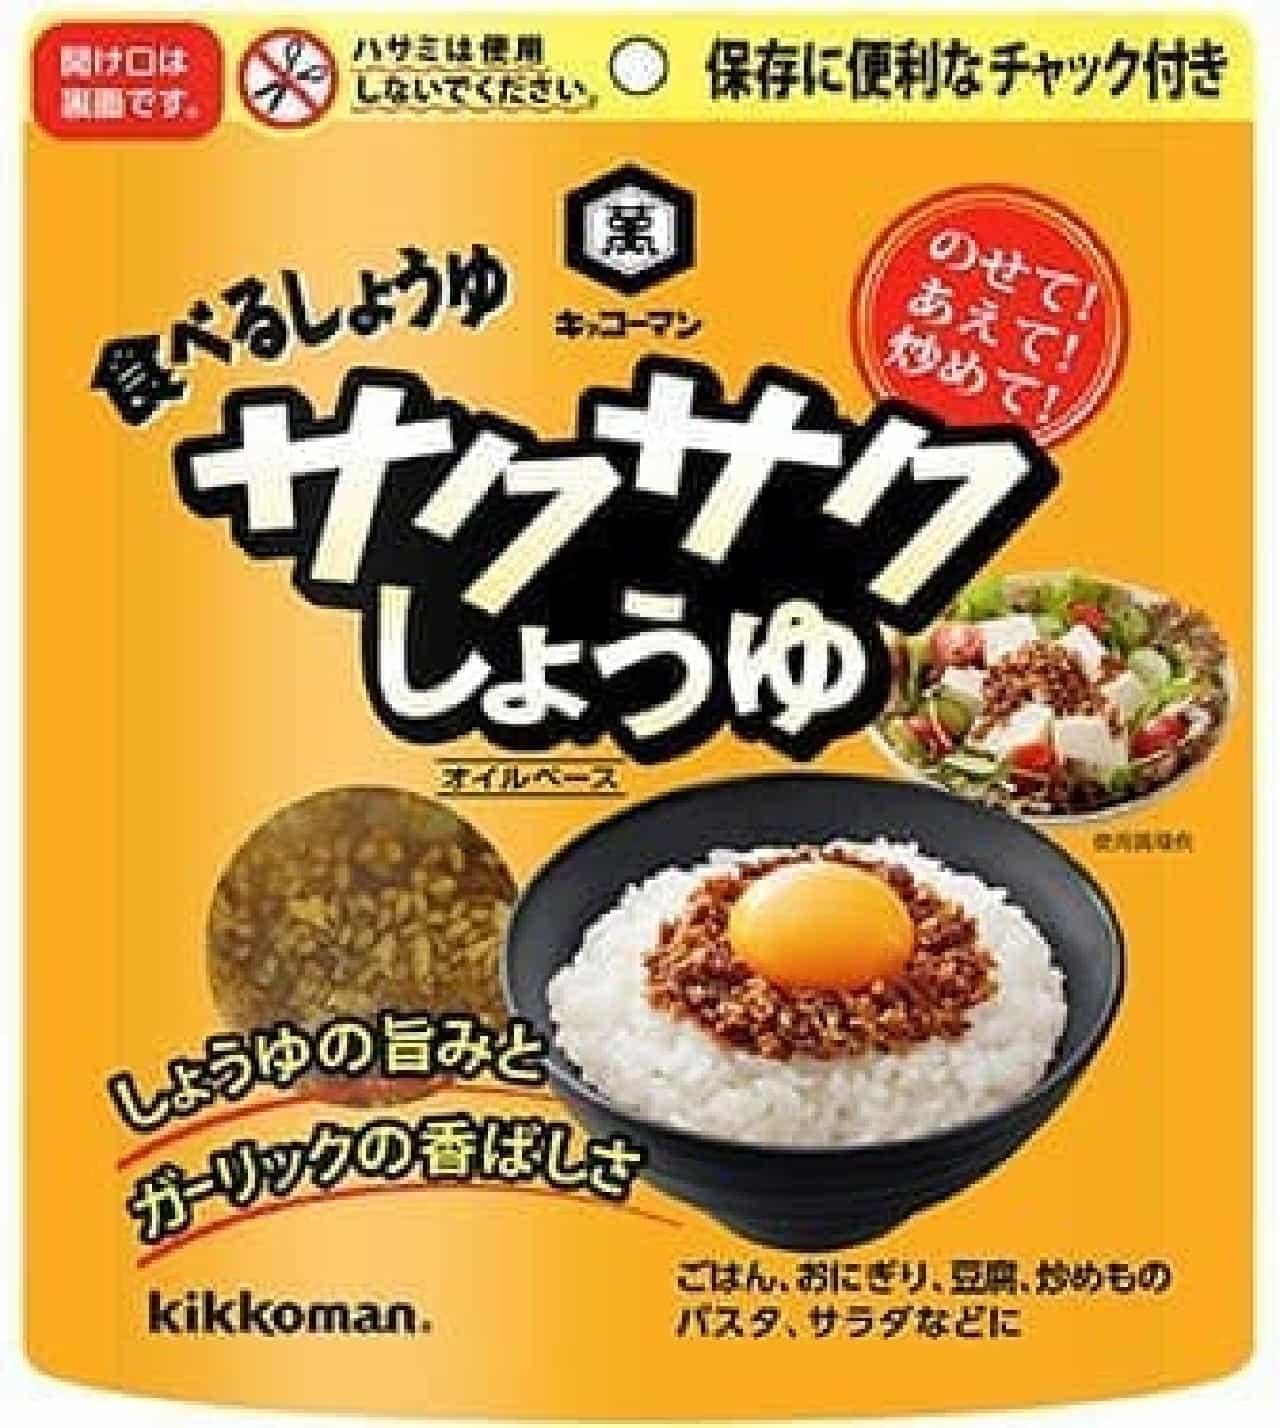 キッコーマン食品「キッコーマン サクサクしょうゆ」